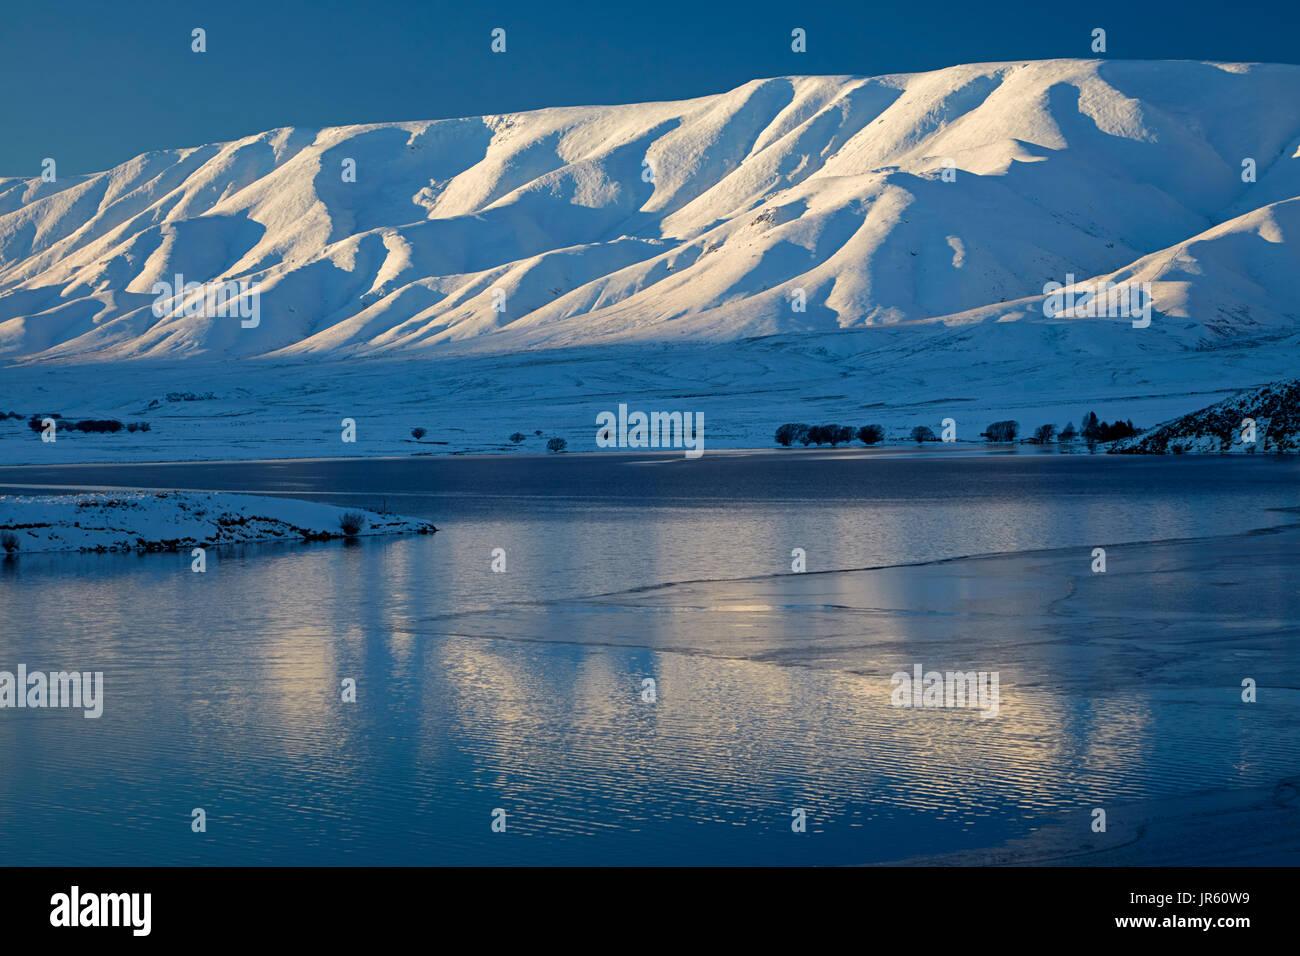 Gamme Hawkdun et Barrage des chutes en hiver, Maniototo, Central Otago, île du Sud, Nouvelle-Zélande Photo Stock